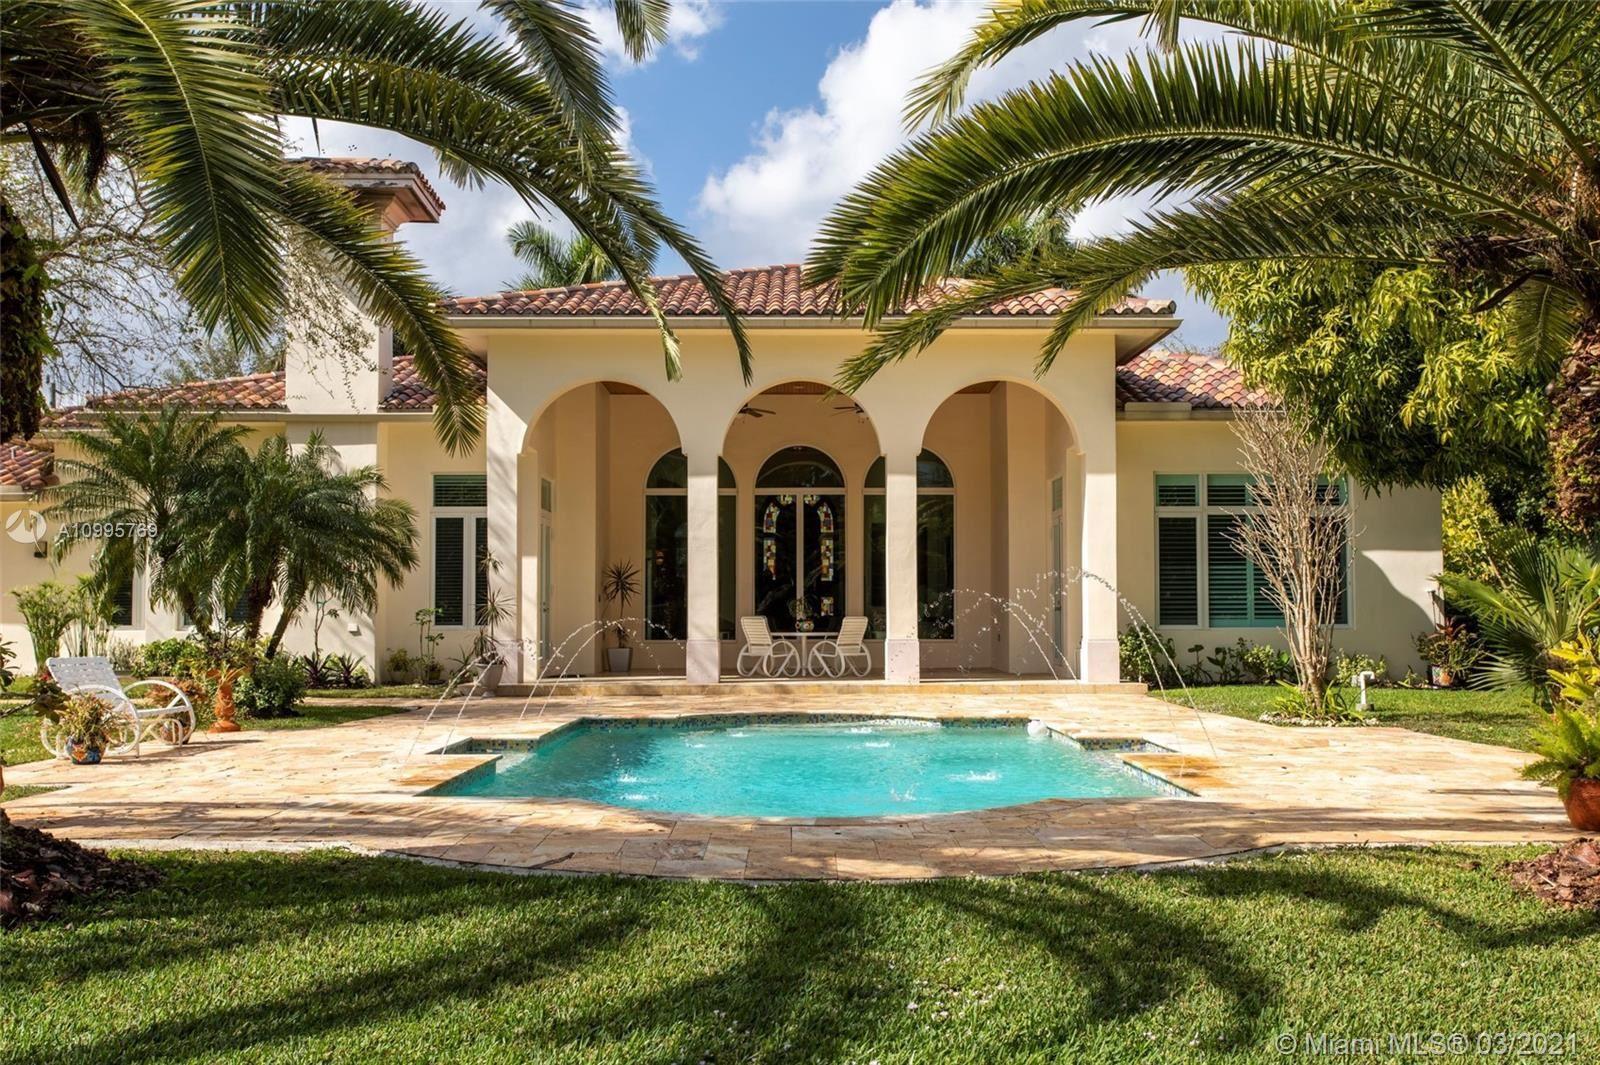 6767 SW 70th Ave, Miami, FL 33143 - #: A10995769